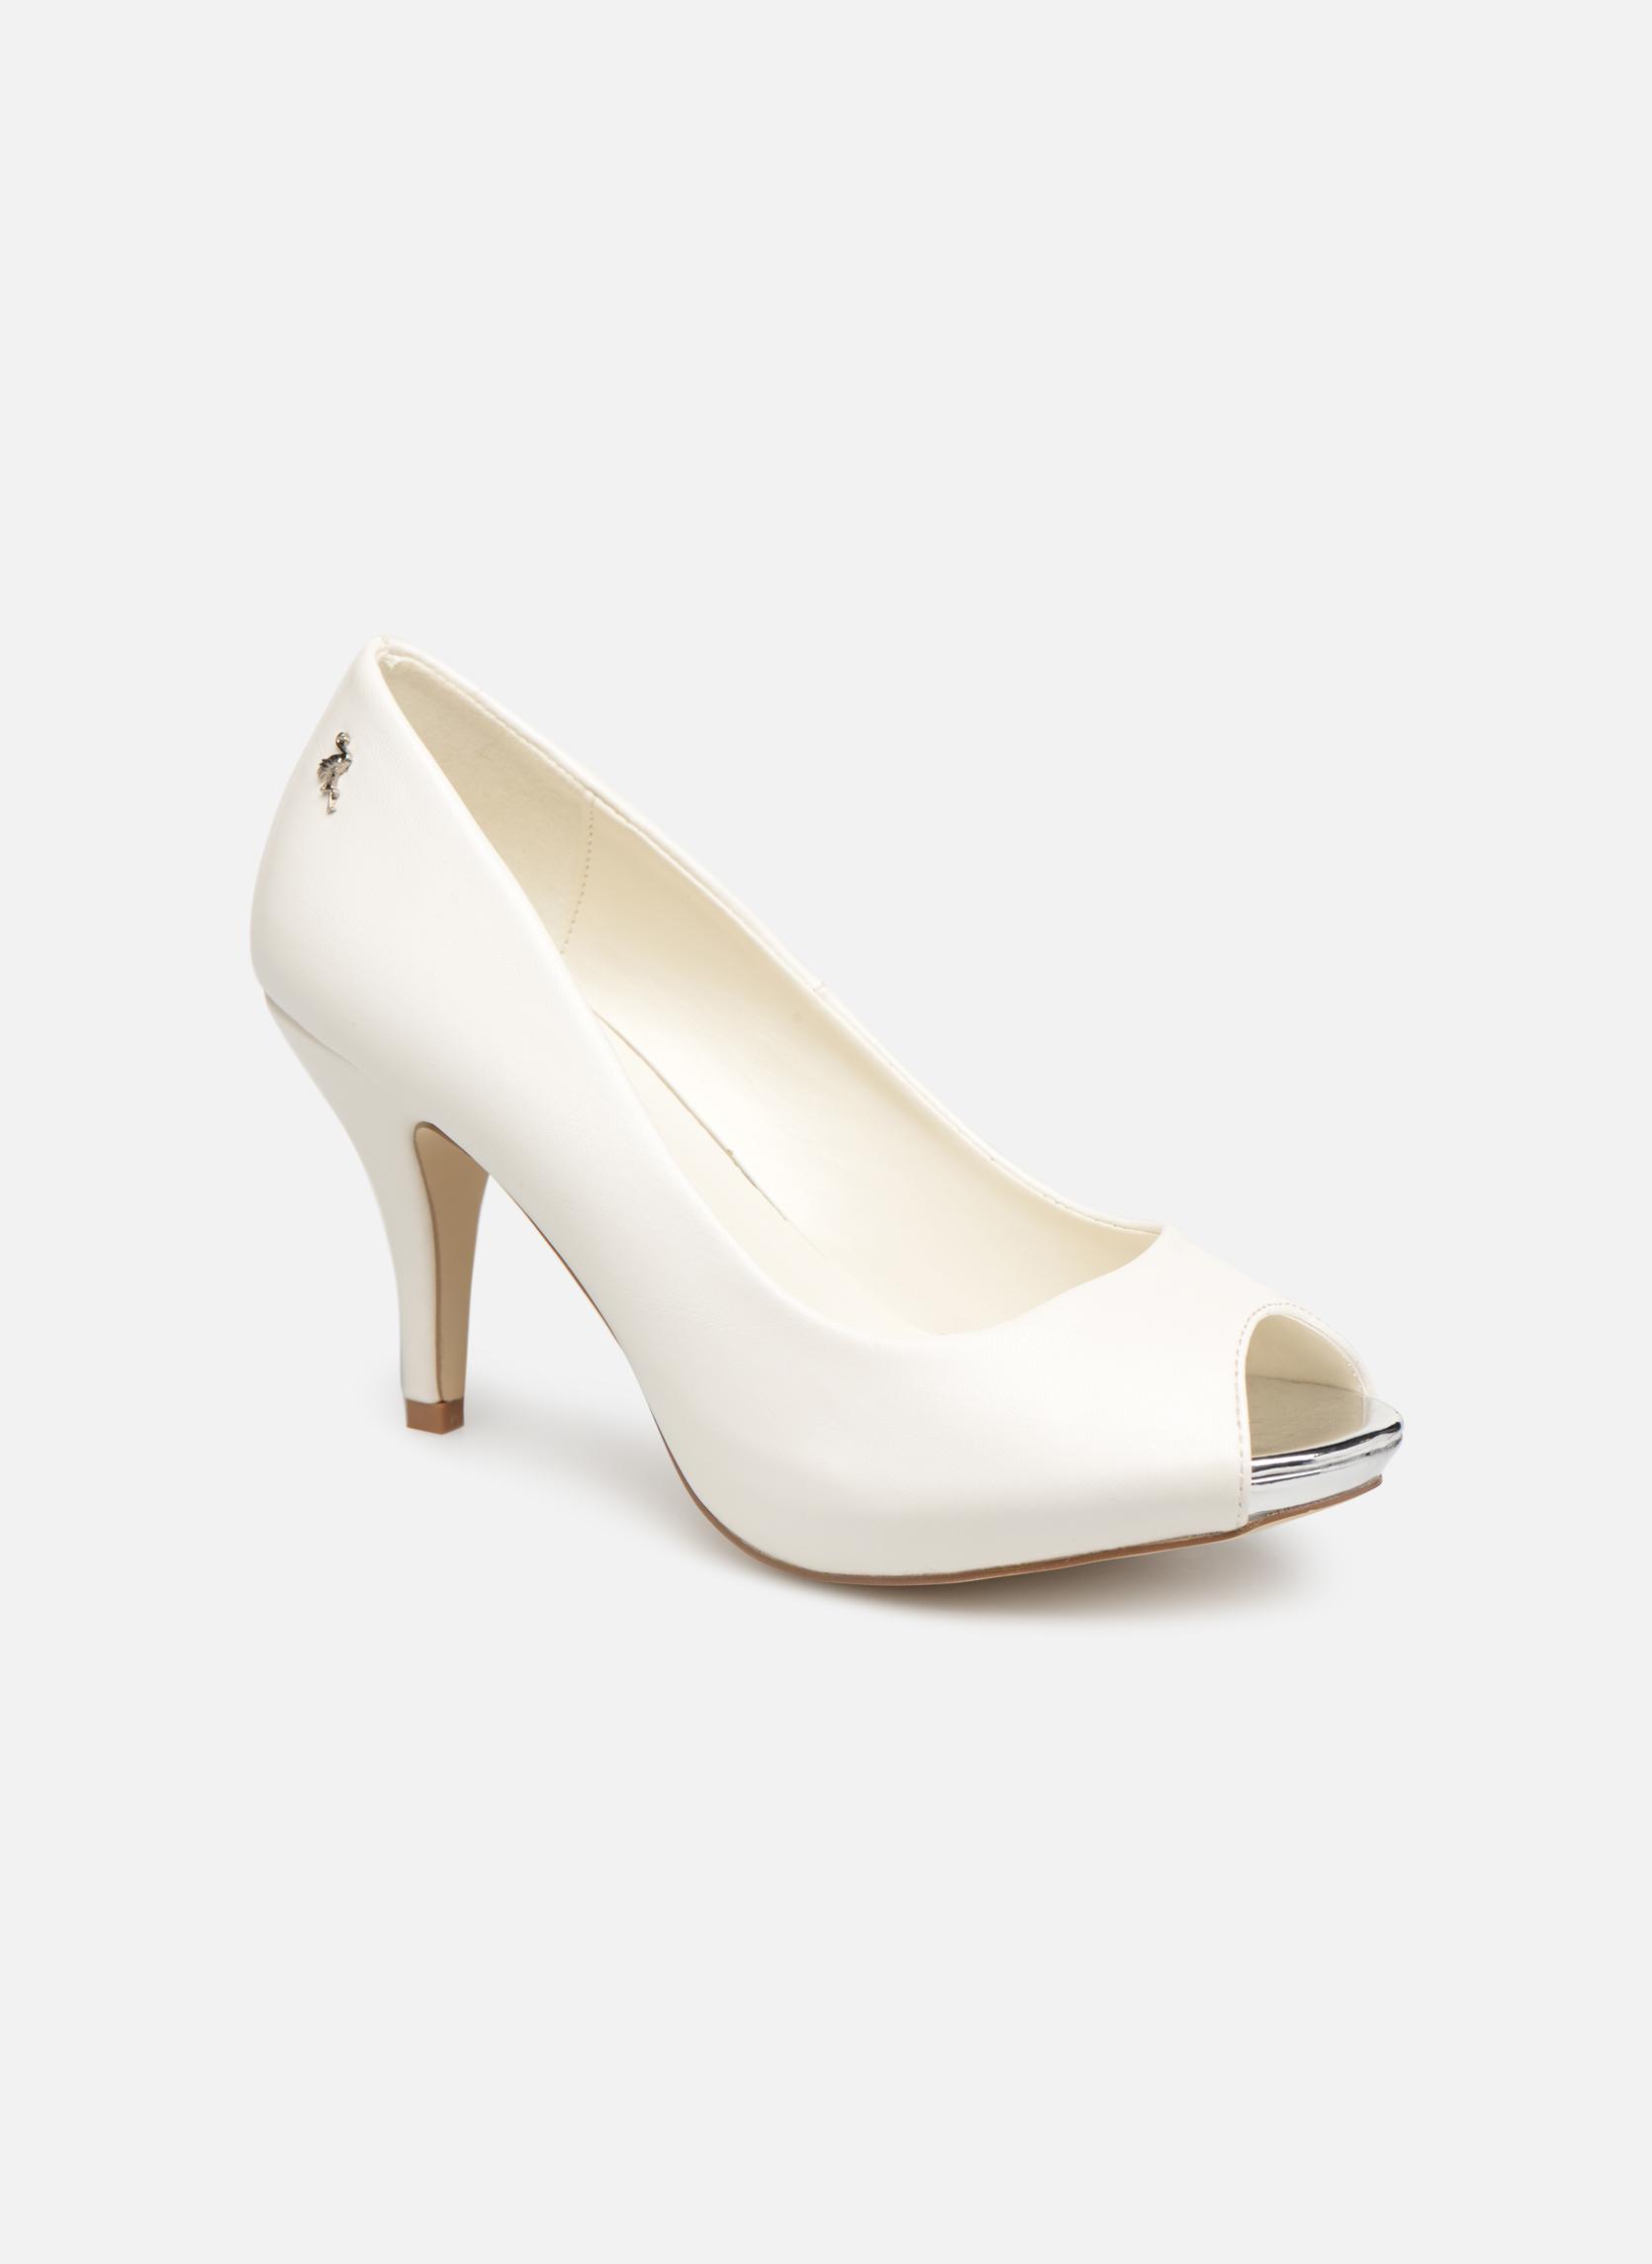 ZapatosMenbur tacón 6808 (Blanco) - Zapatos de tacón ZapatosMenbur   Casual salvaje 2c95e6